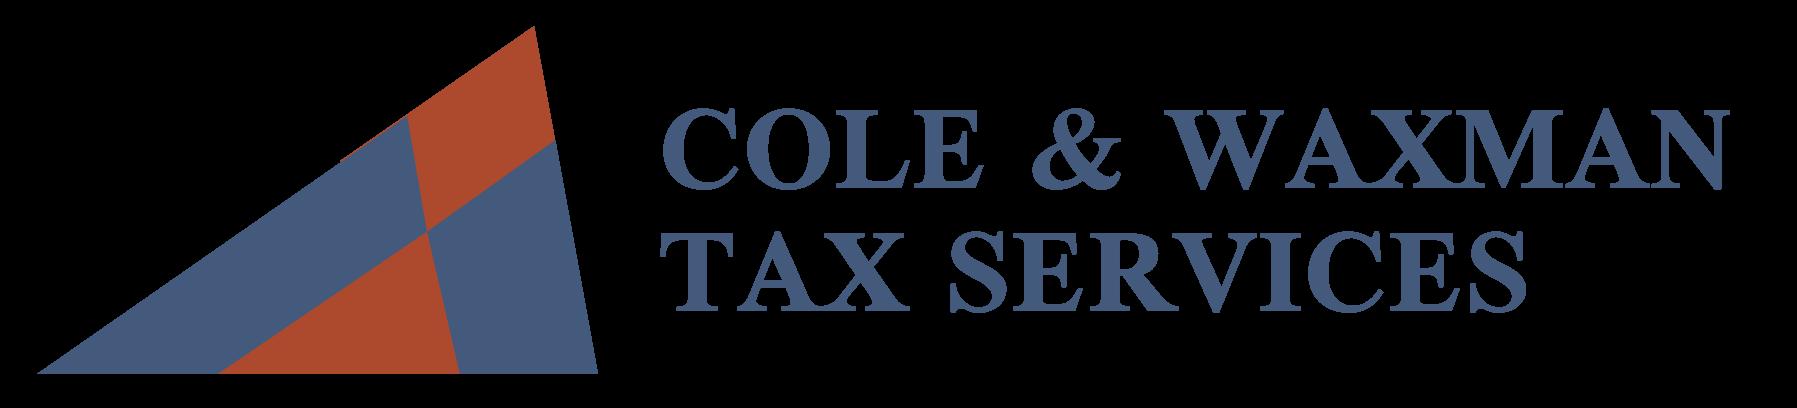 cole waxman logo